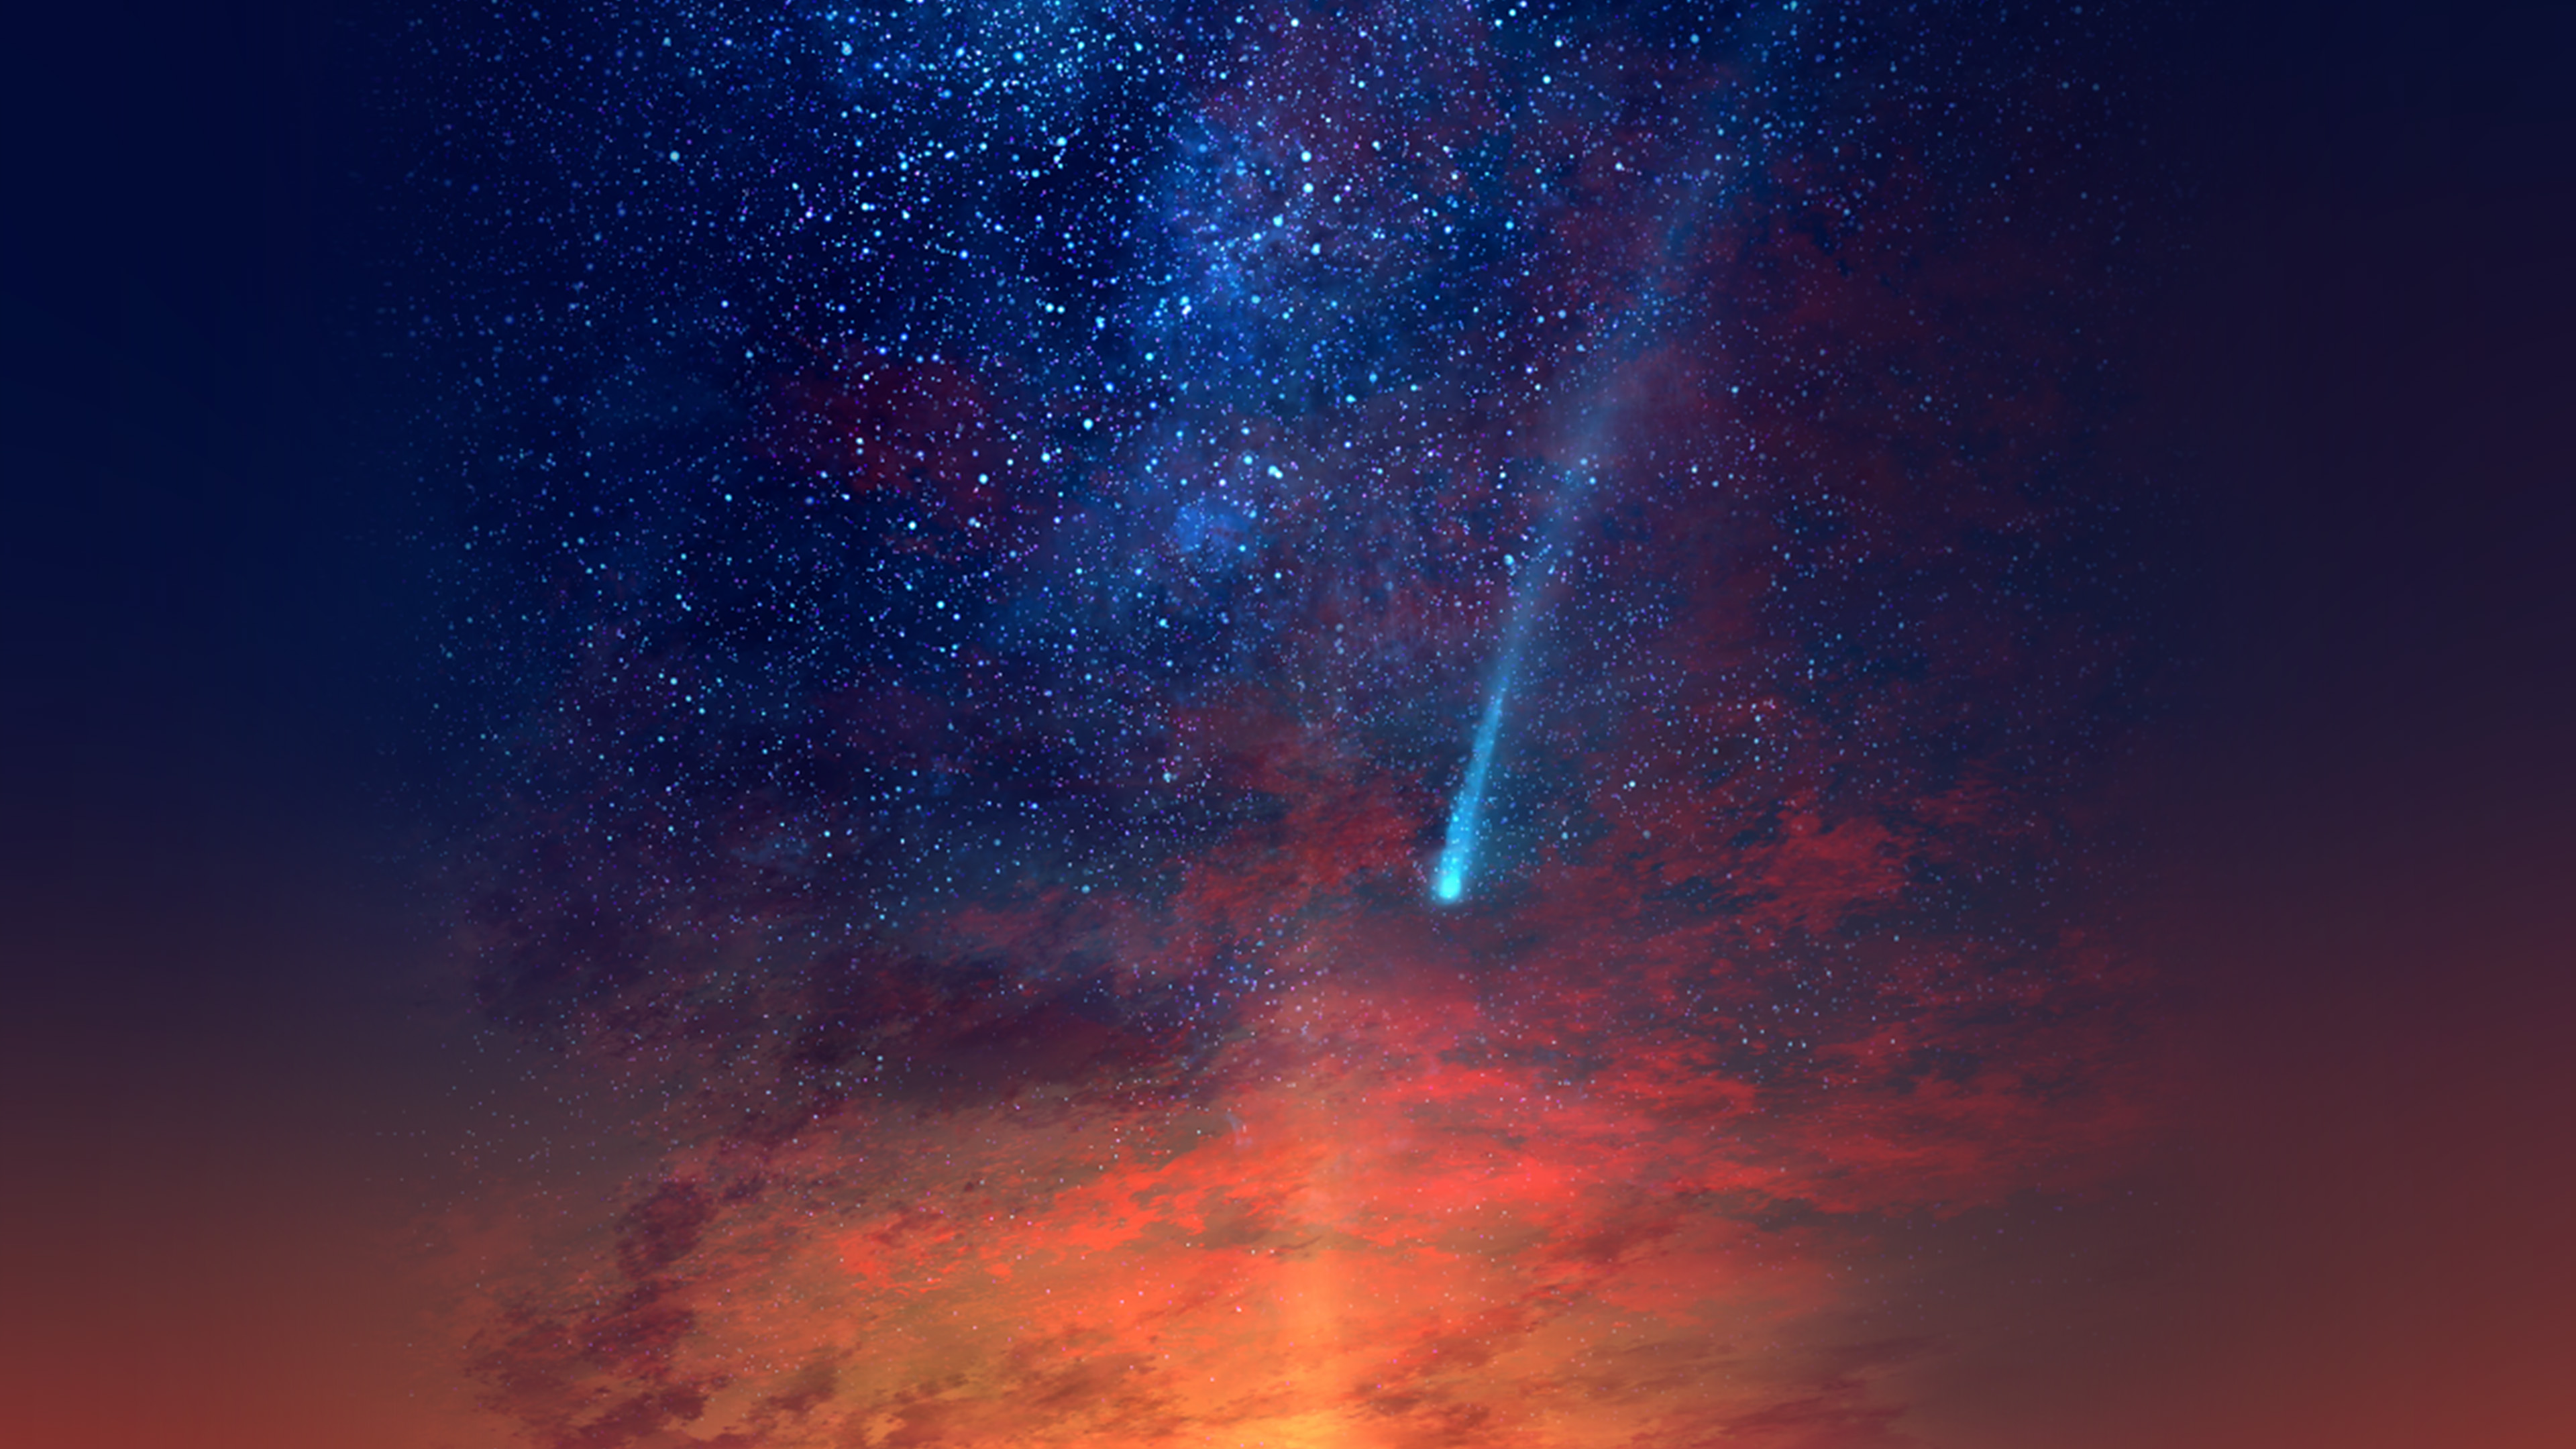 wallpaper for desktop, laptop | av79-anime-sunset-red ...